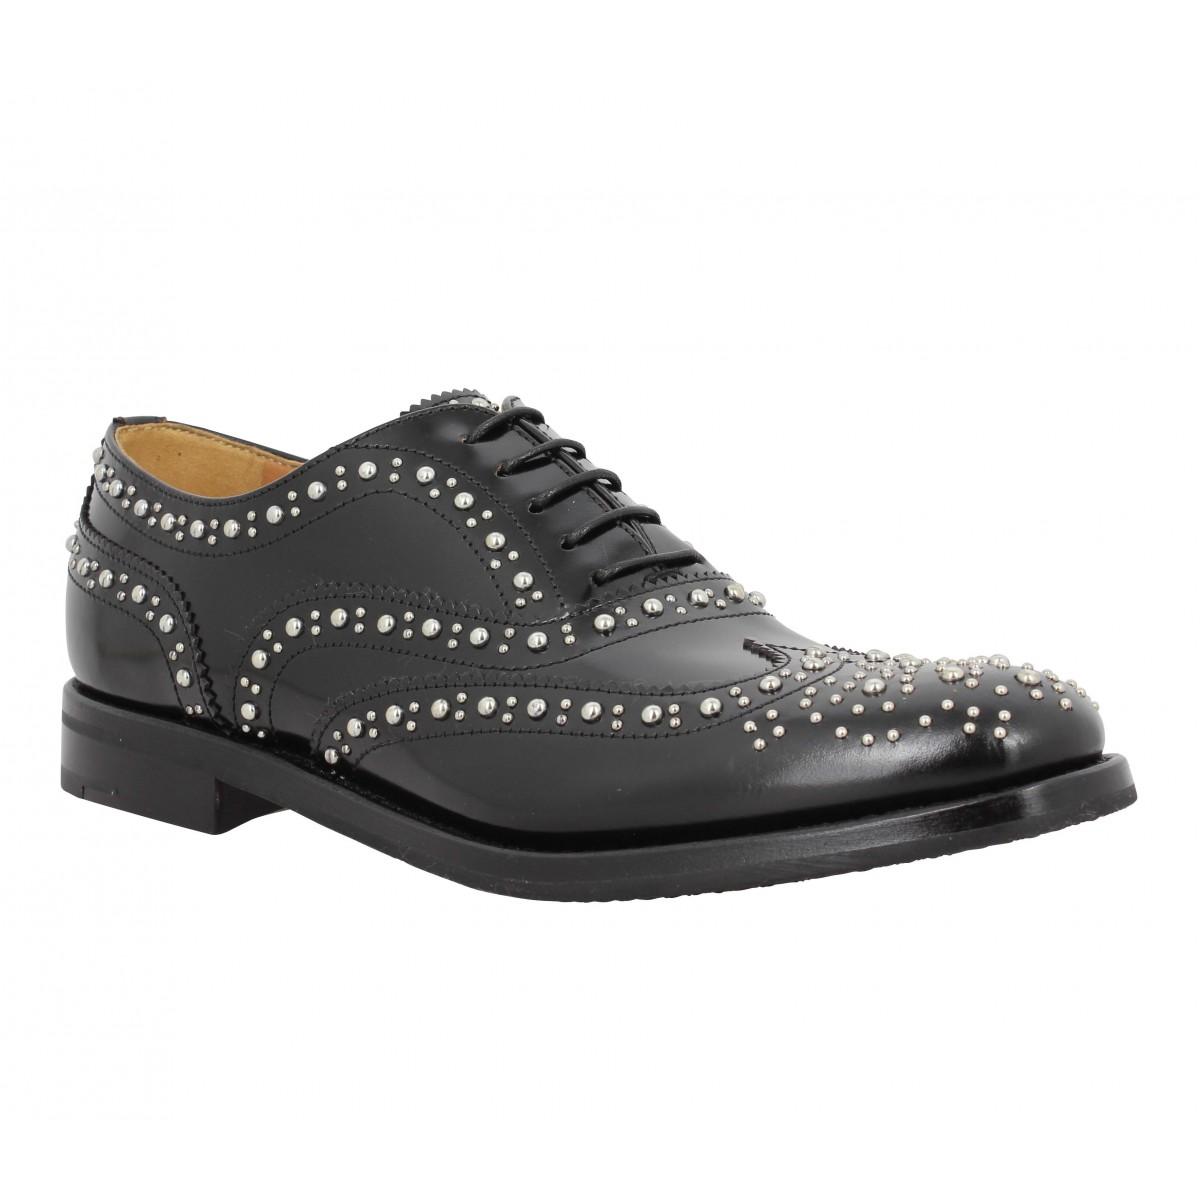 Chaussures à lacets CHURCH'S Burwood Met cuir Femme Noir